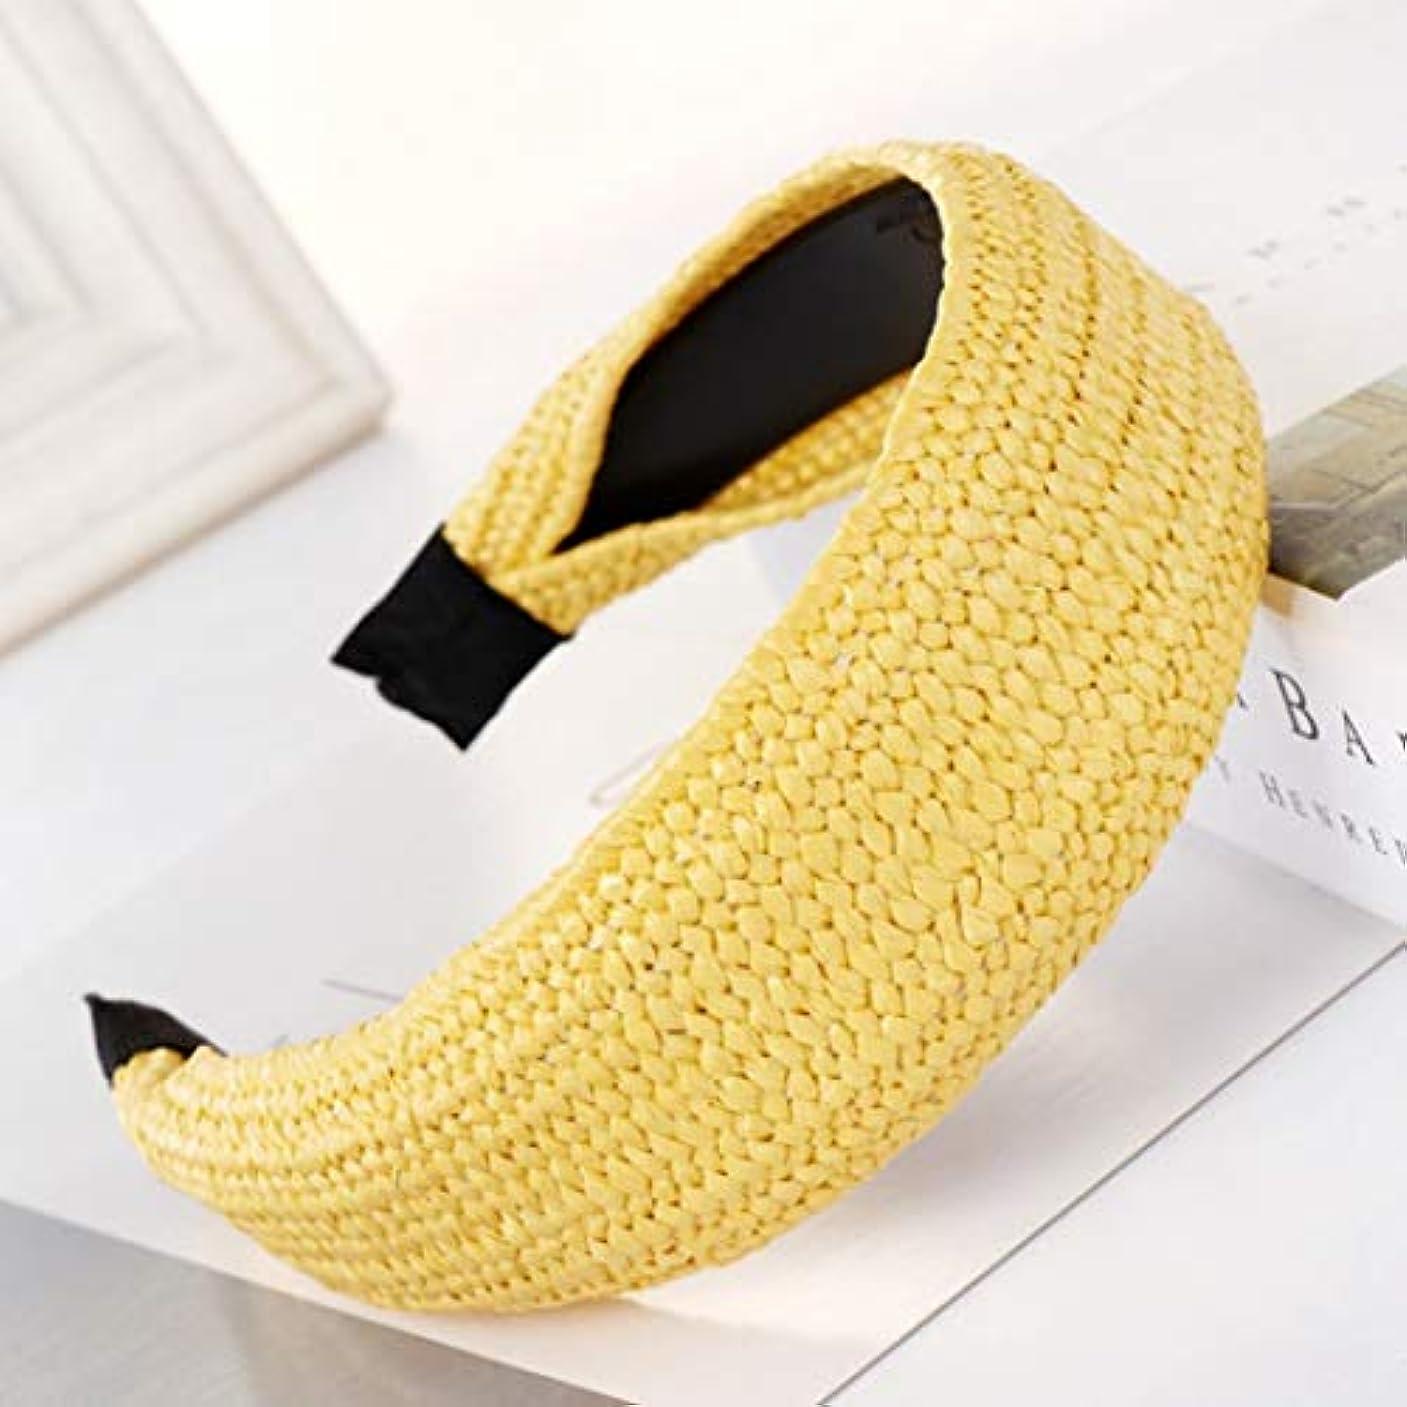 緯度モッキンバードメンタリティサリーの店 ホット販売わら織りヘアバンド結び目ヘッドバンドユニークヘアフープヘアアクセサリー(None 平板黄色)